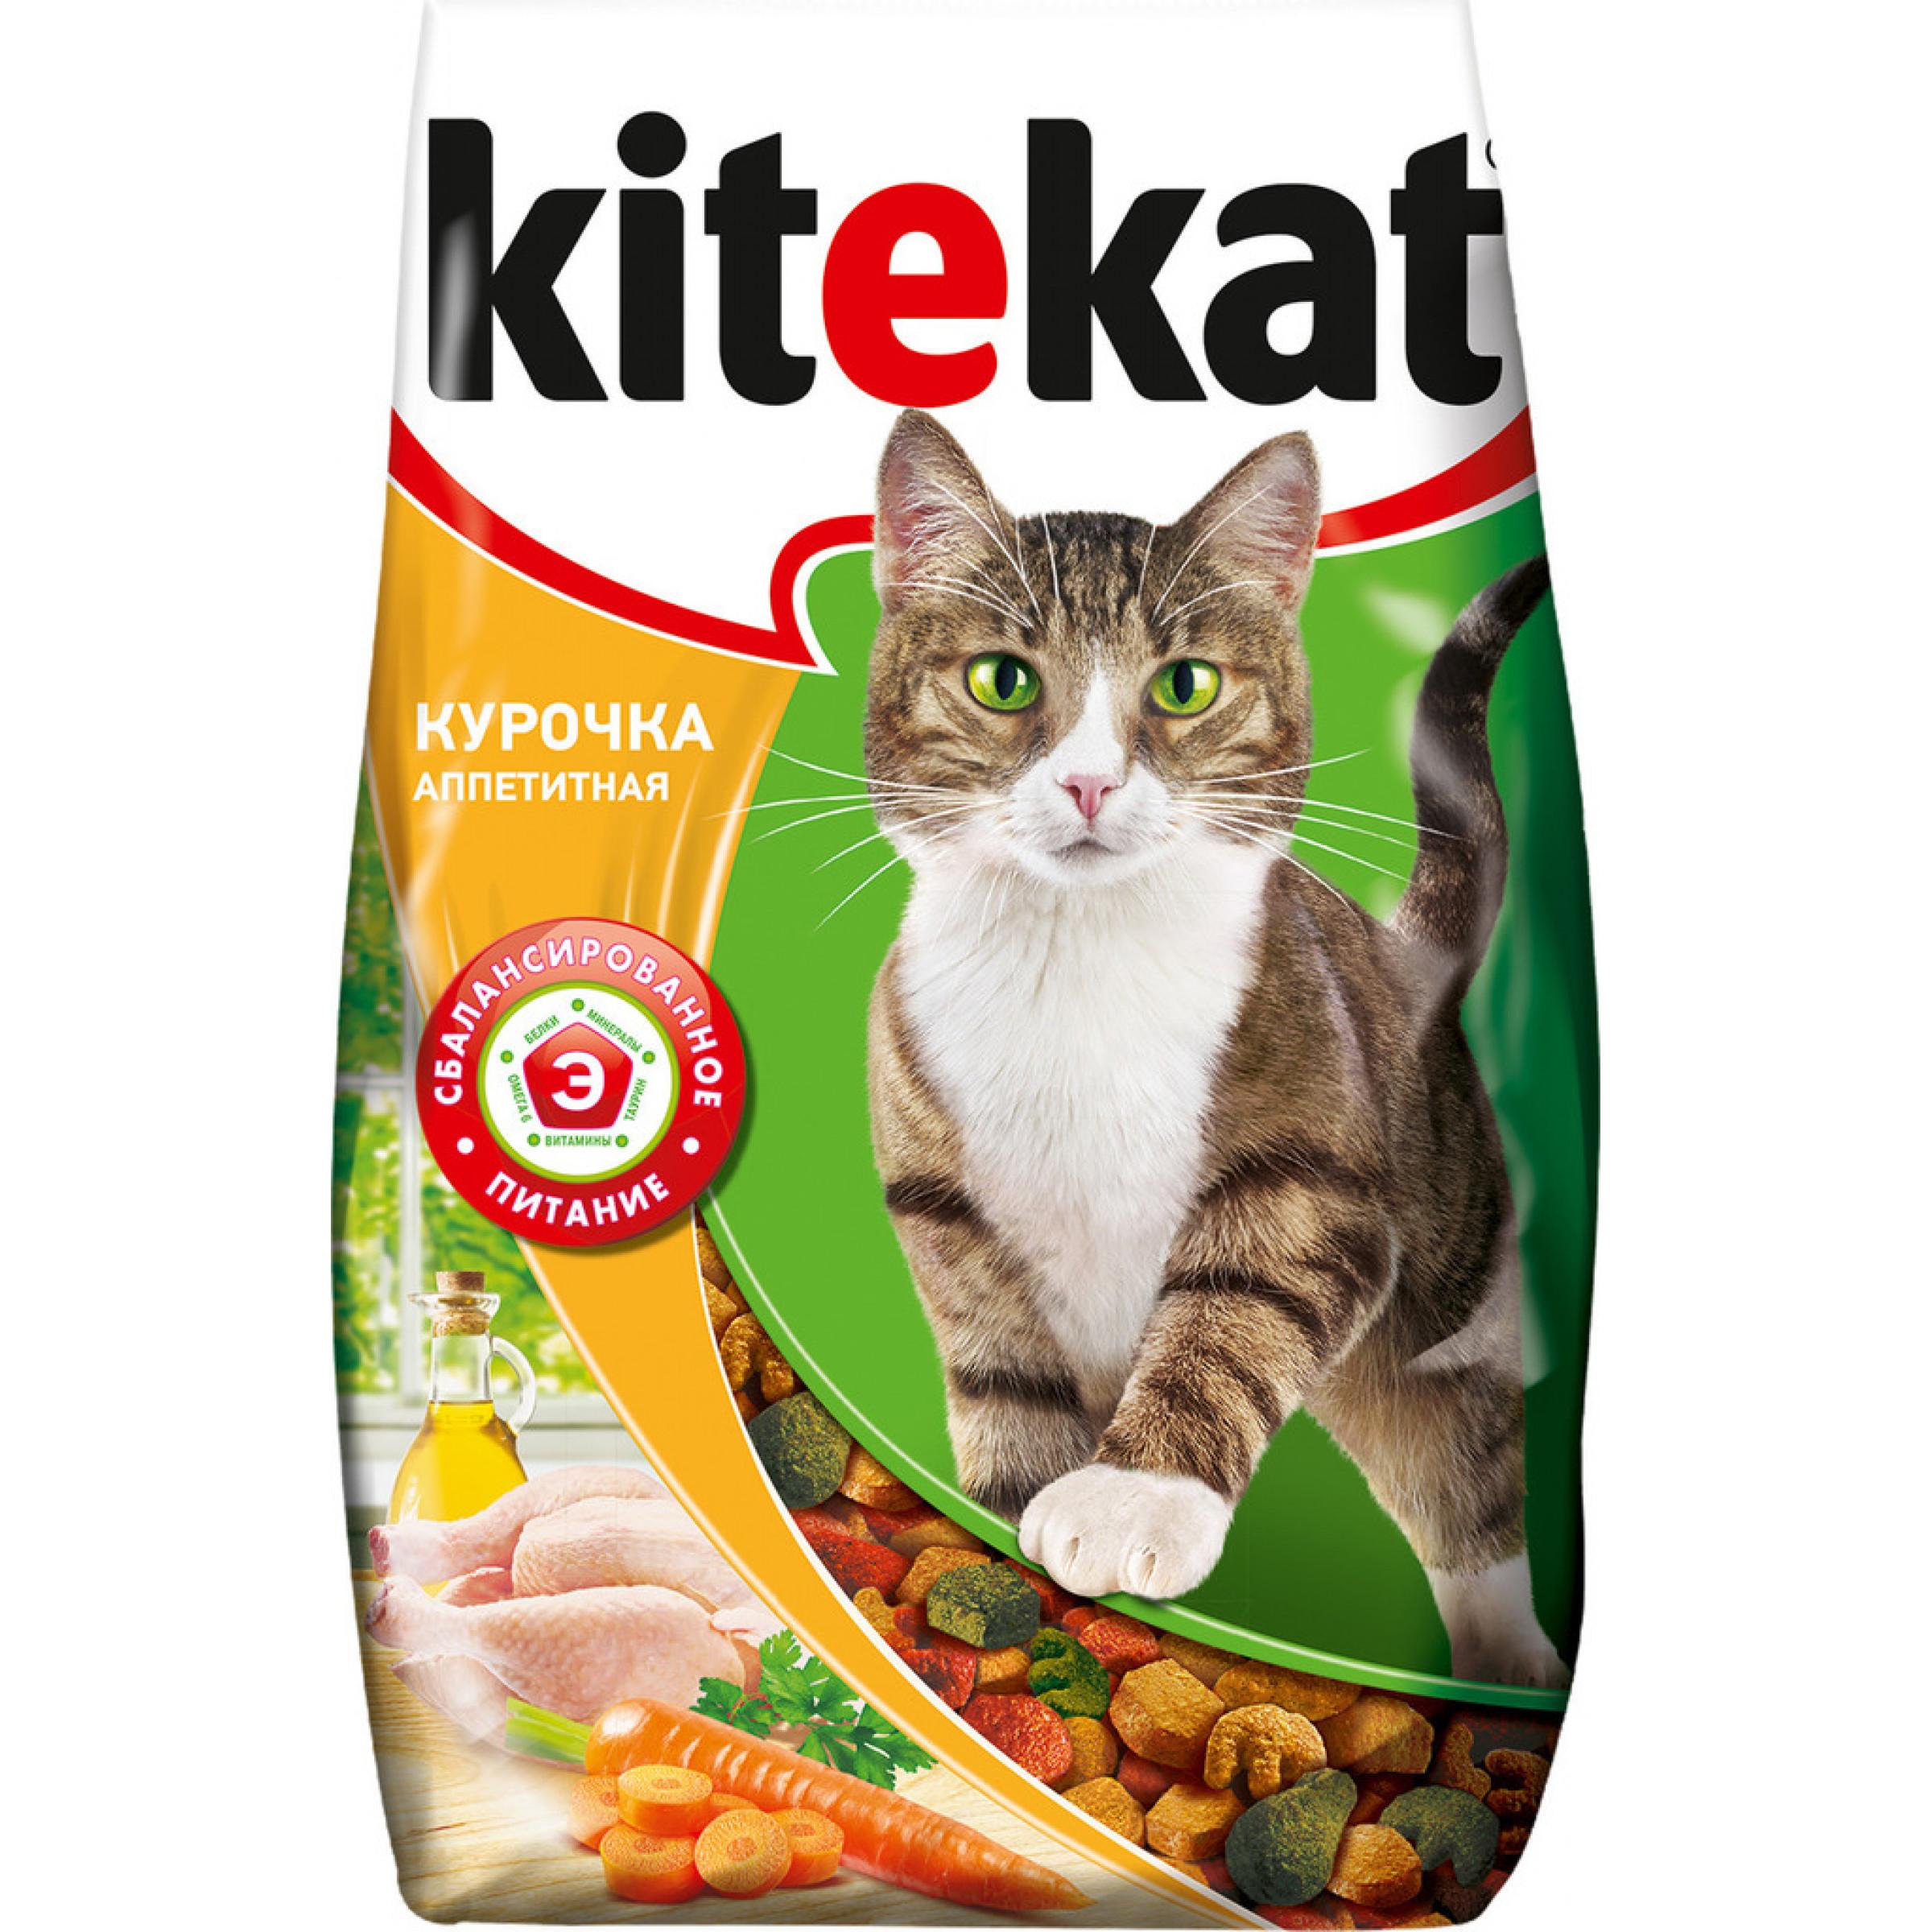 """Сухой корм для кошек """"Kitekat"""" Аппетитная курочка, 350 г"""